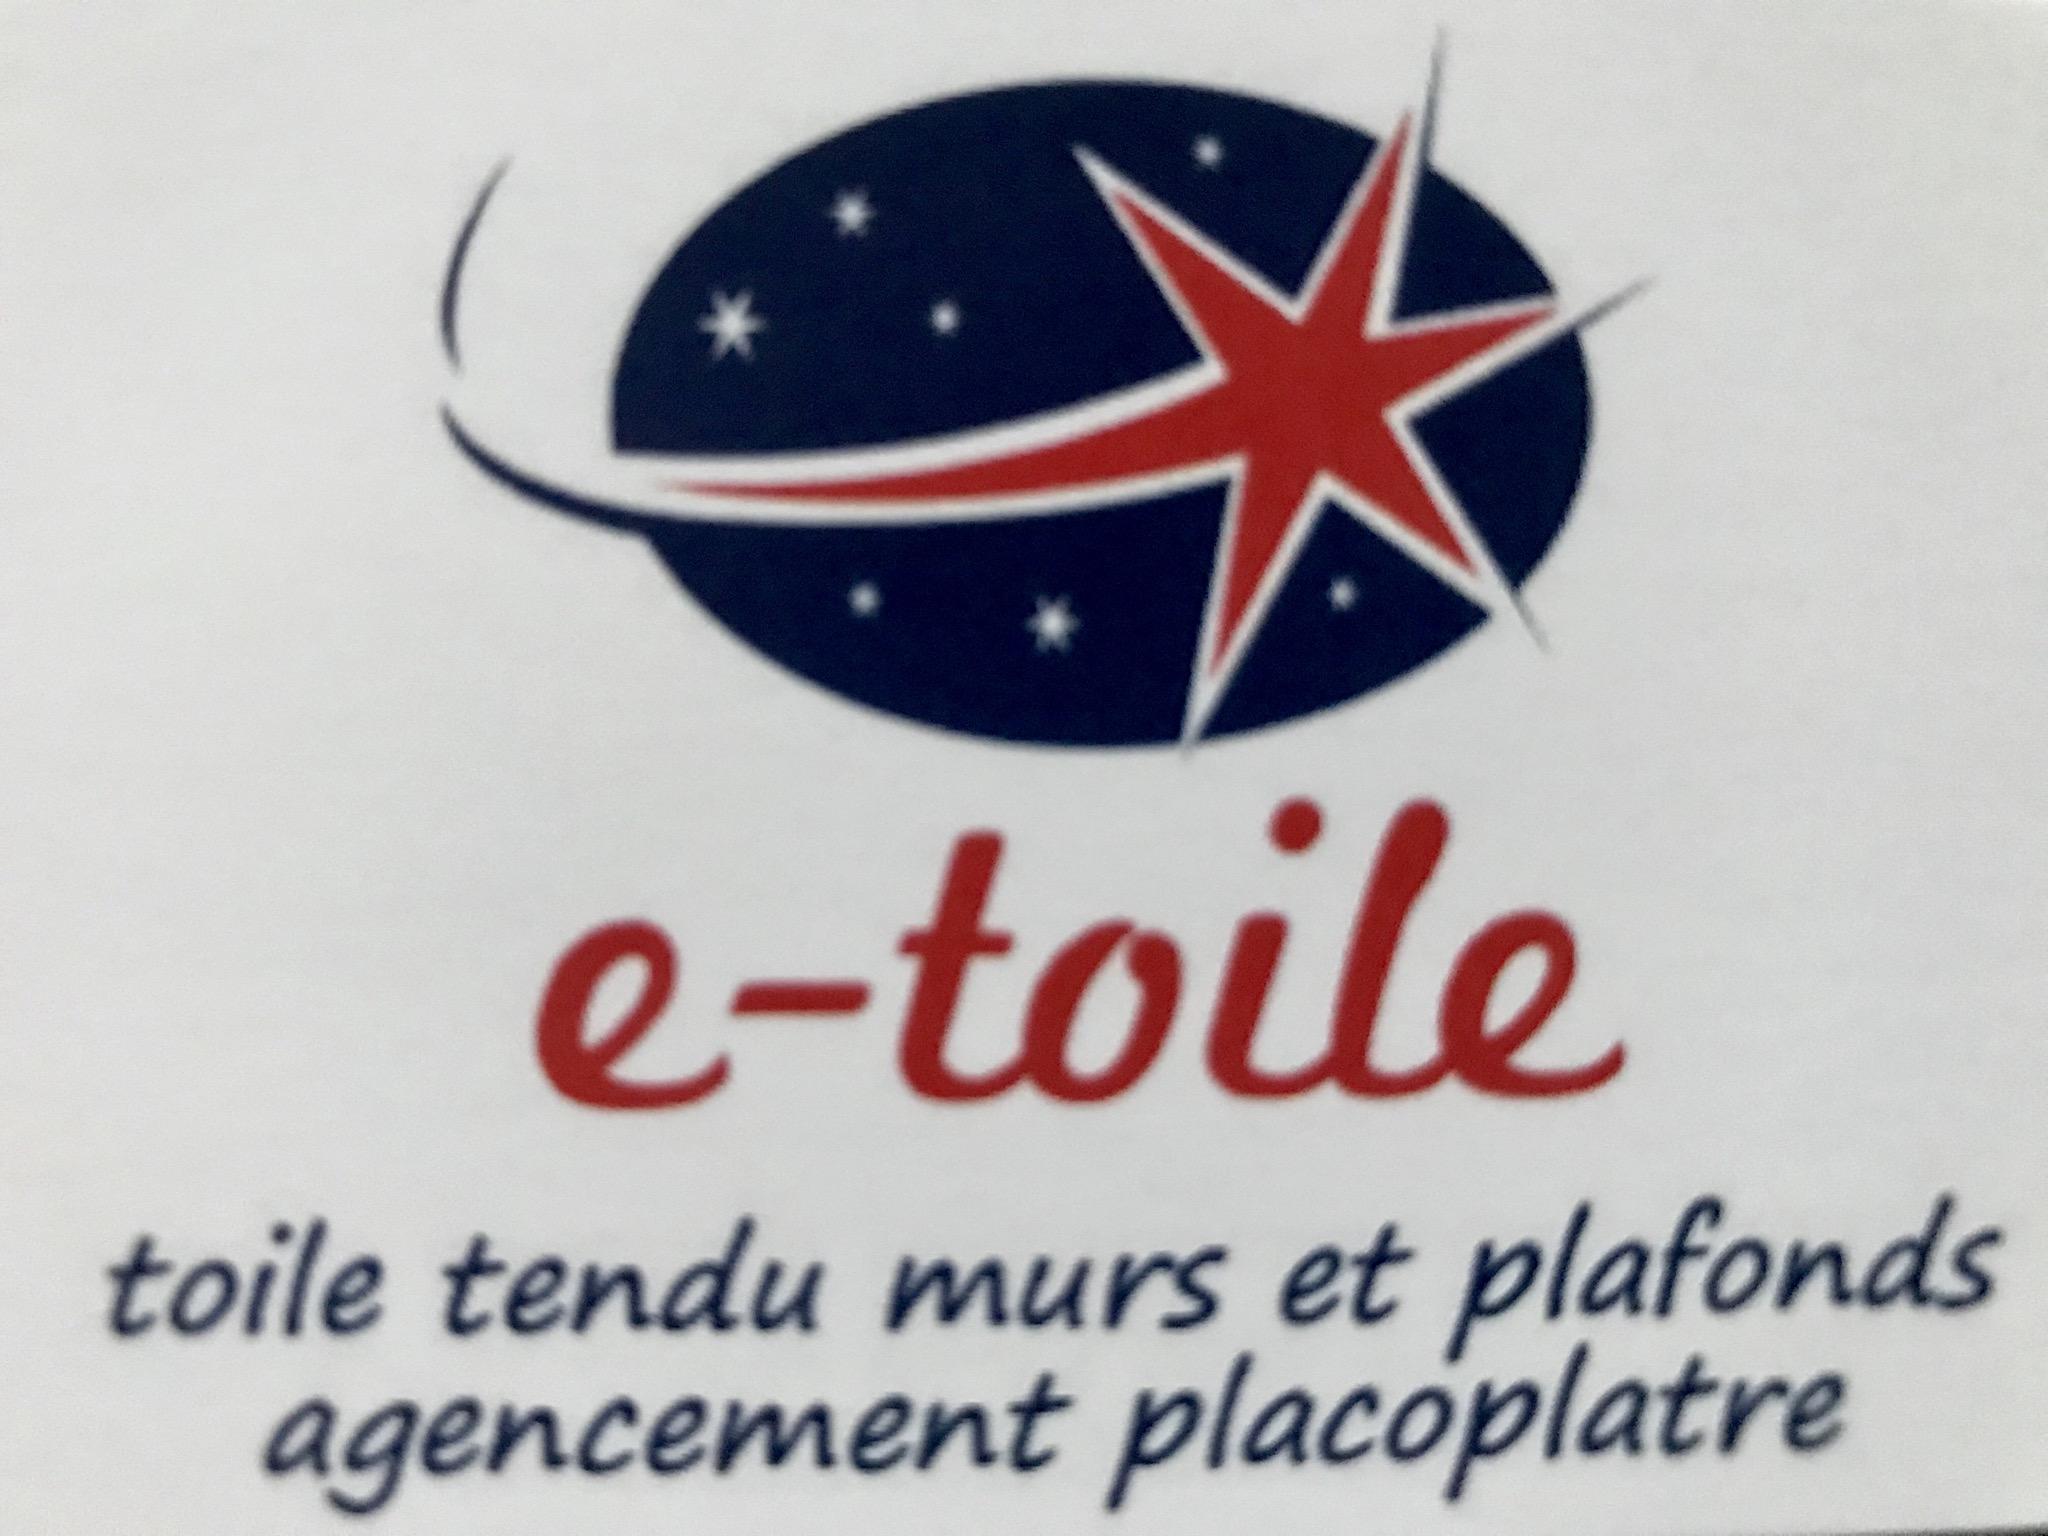 Société E-toile interieure